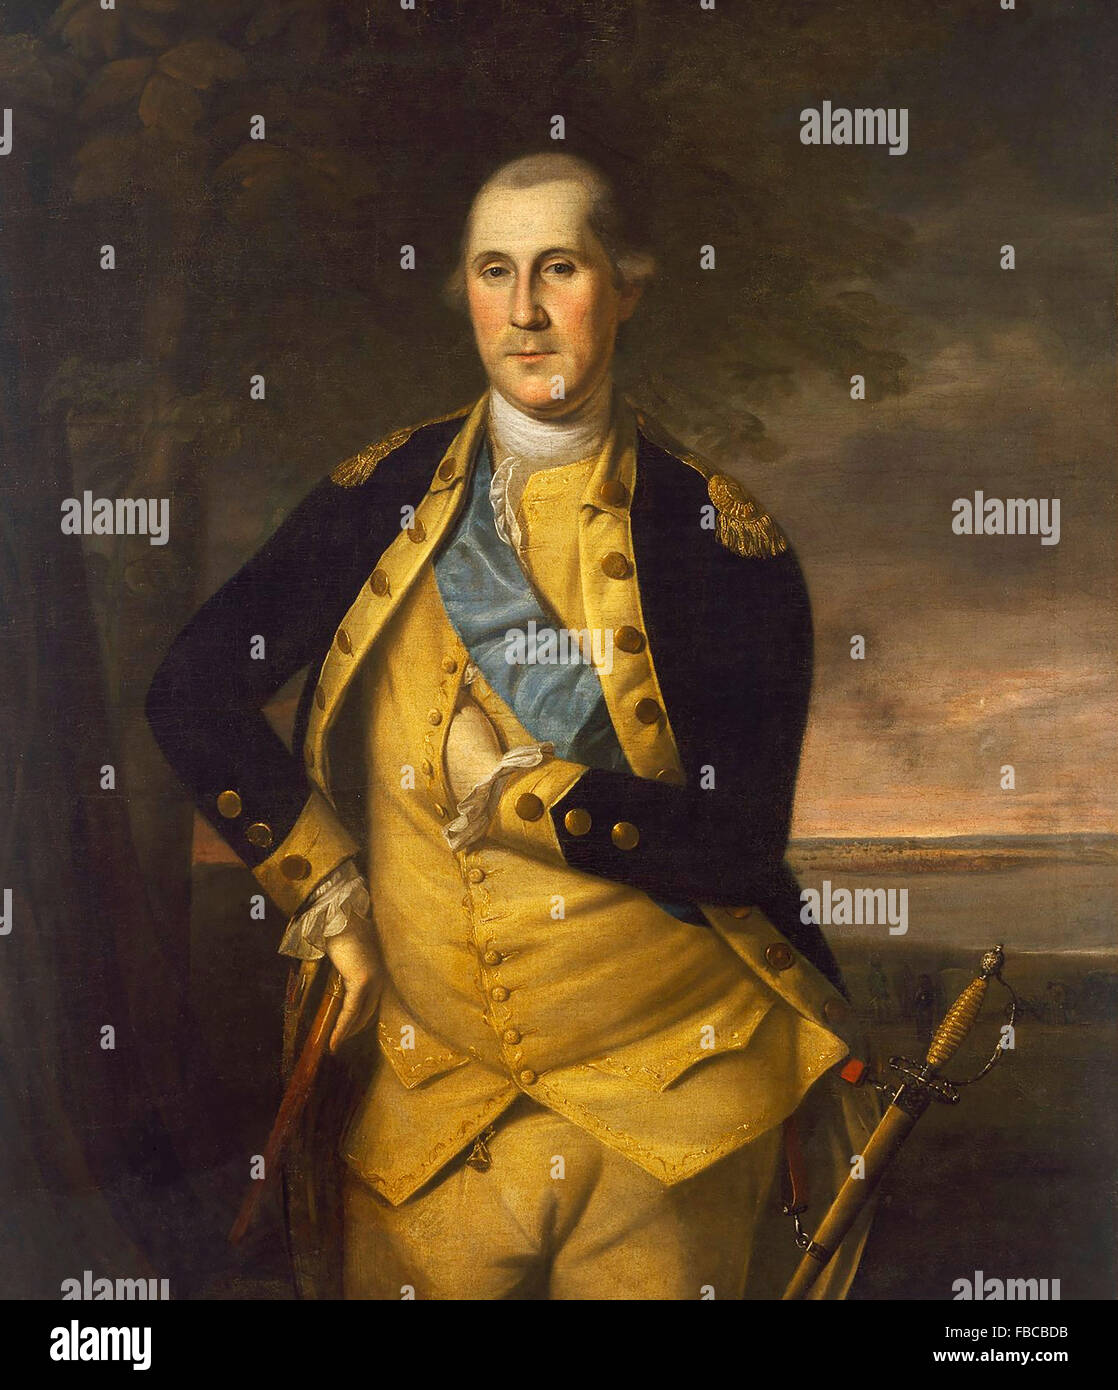 General George Washington, ritratto da Charles Willson Peale, 1776 Immagini Stock